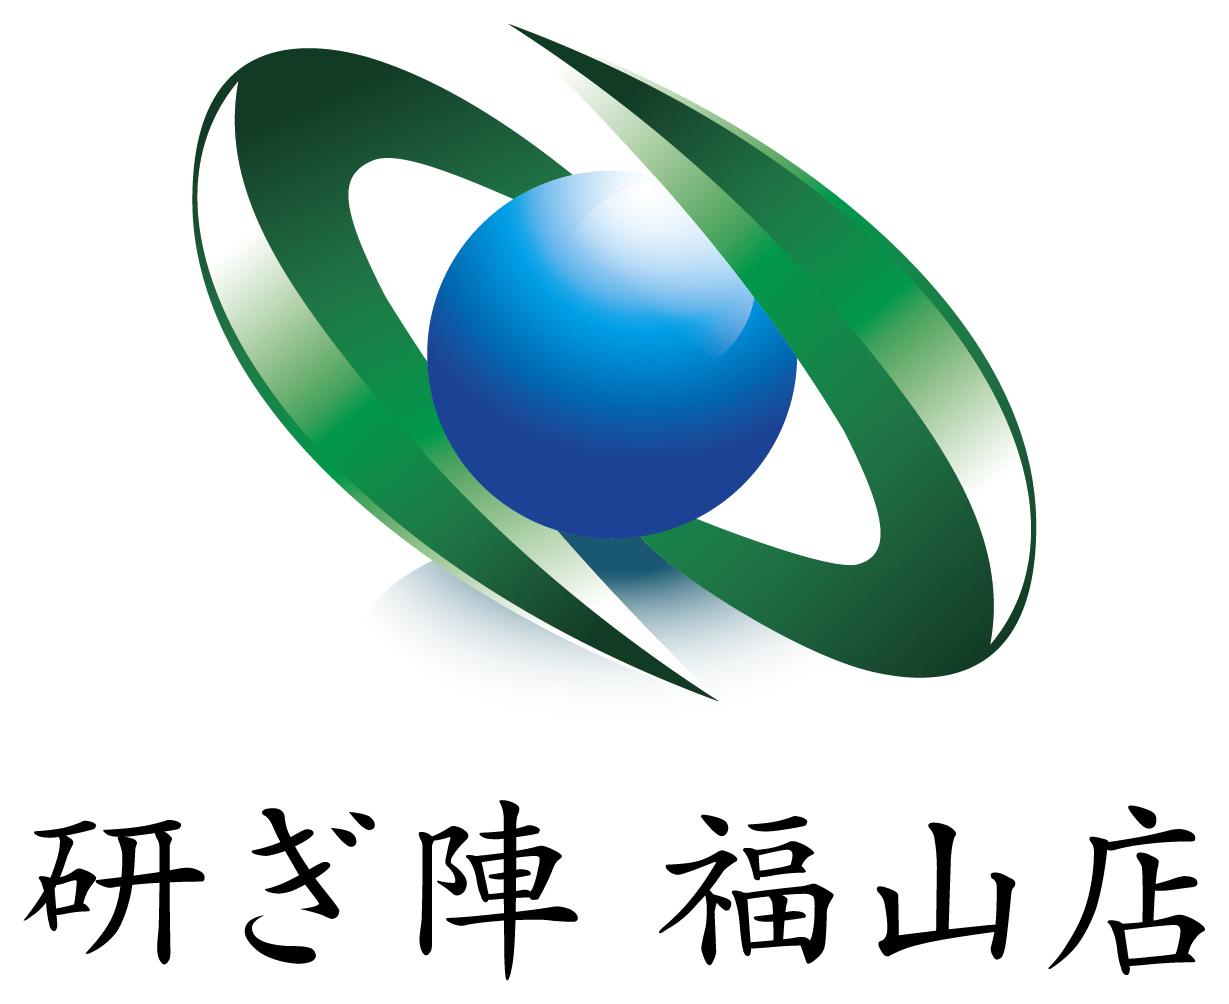 サービス業と立体的と緑のロゴ